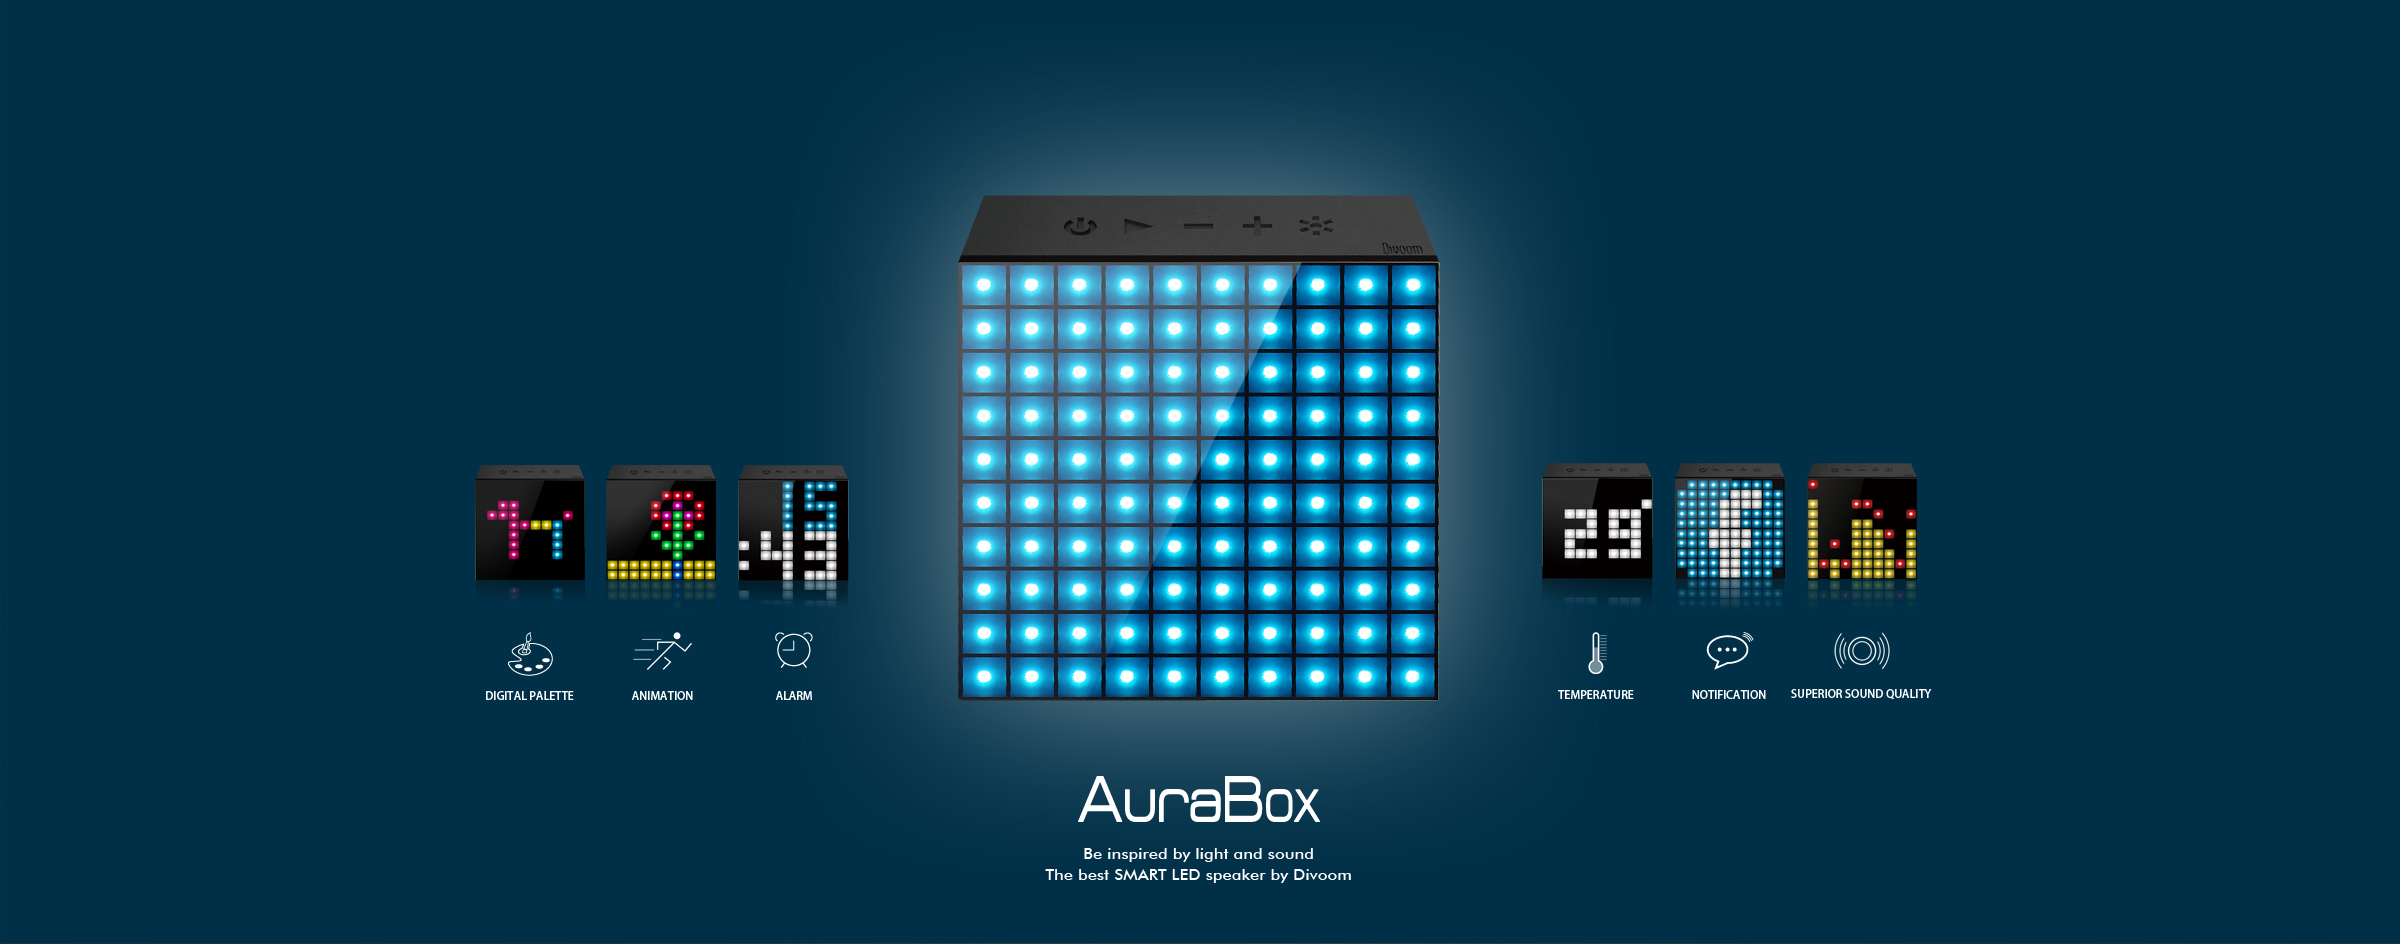 divoom aurabox